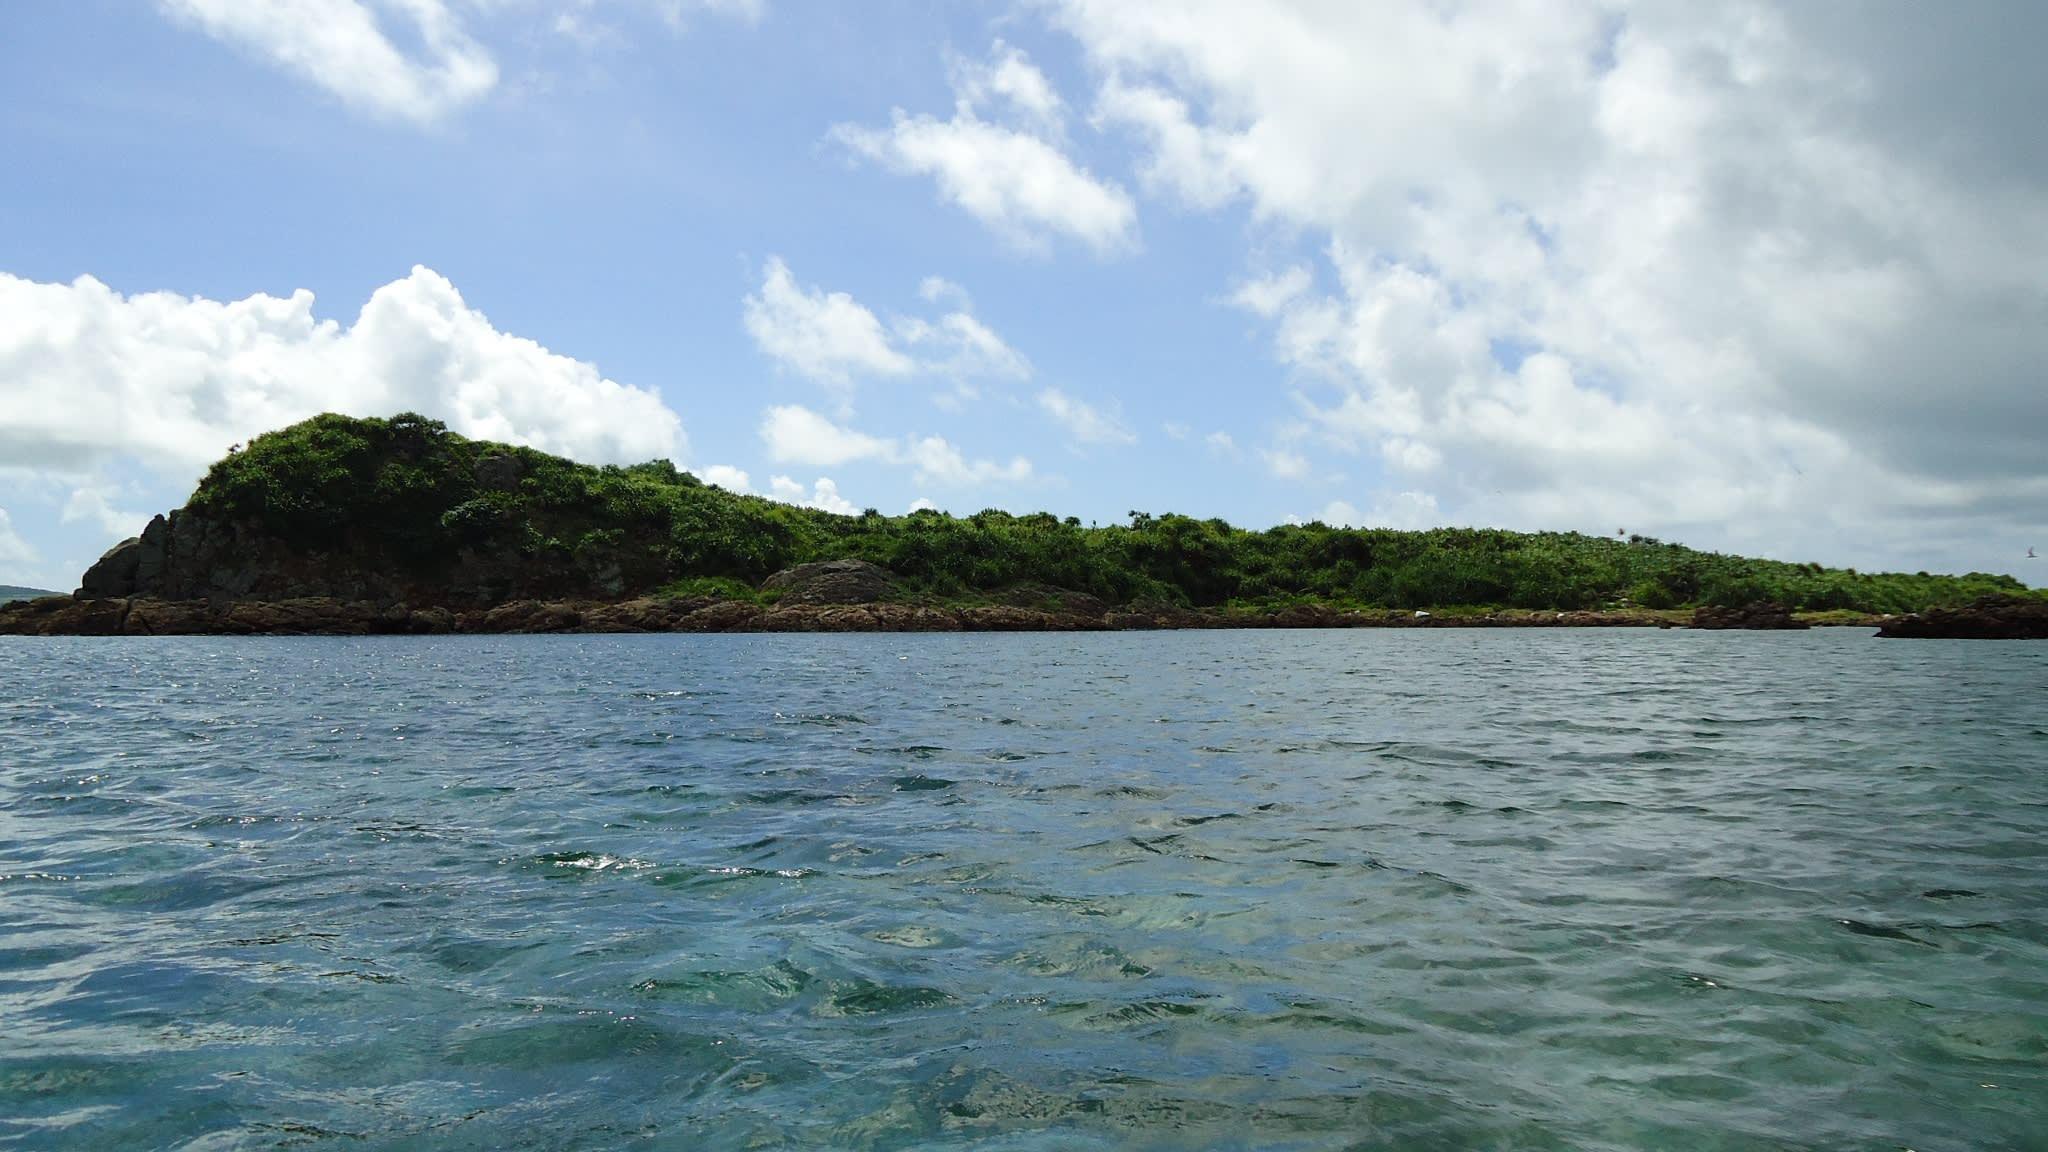 Tránh dịch Covid-19 kiểu đại gia: Chi tiền mua đảo hoang, vào rừng trú ẩn - 1